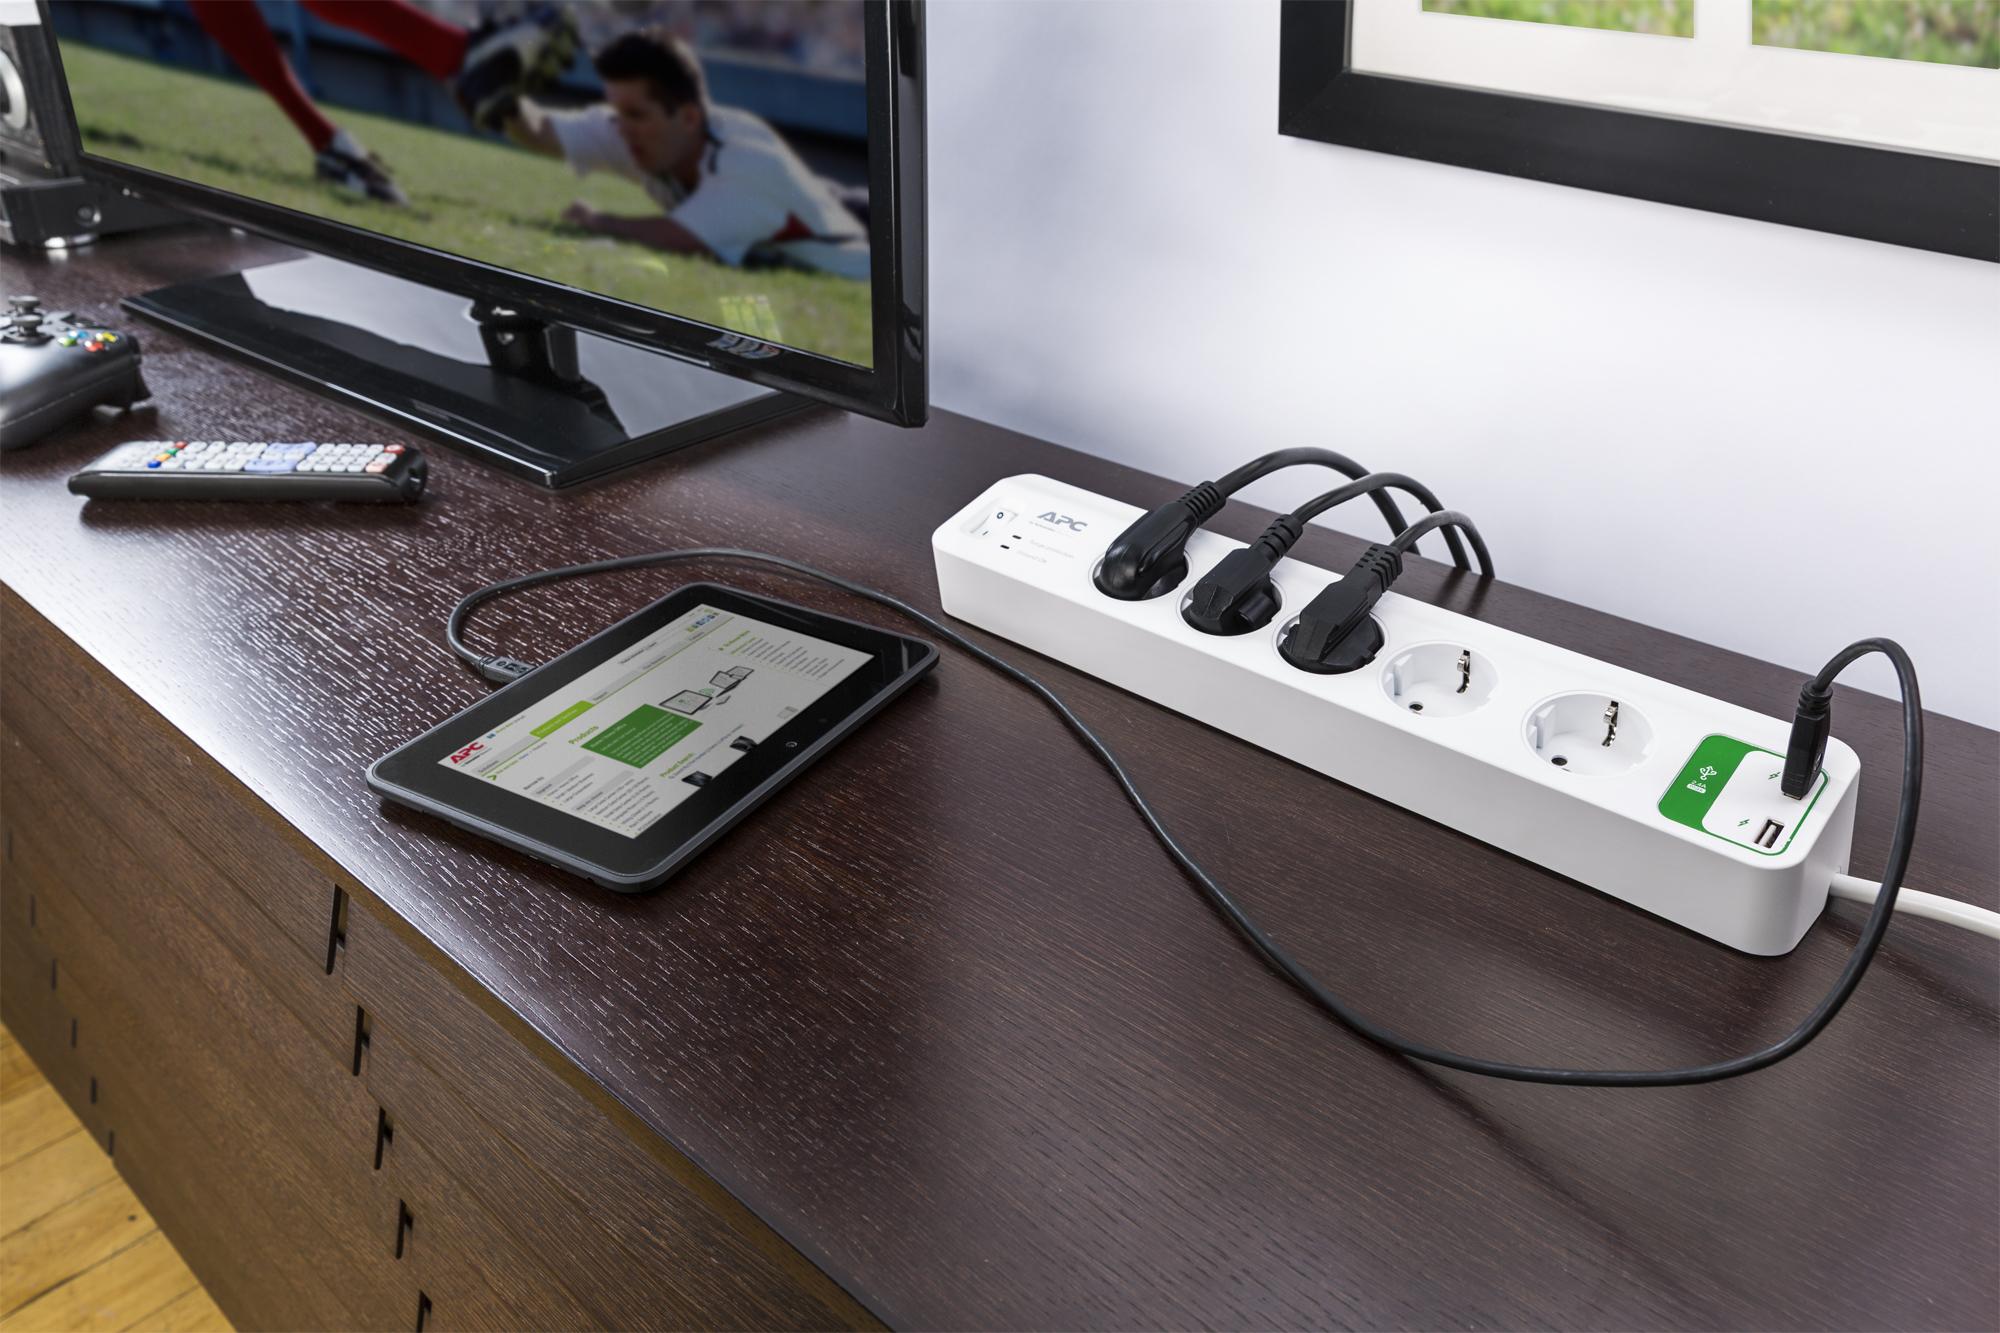 Schneider Electric Akım Korumalı Prizler, Hassas Elektronik Cihazlar için Kusursuz Koruma Sağlıyor